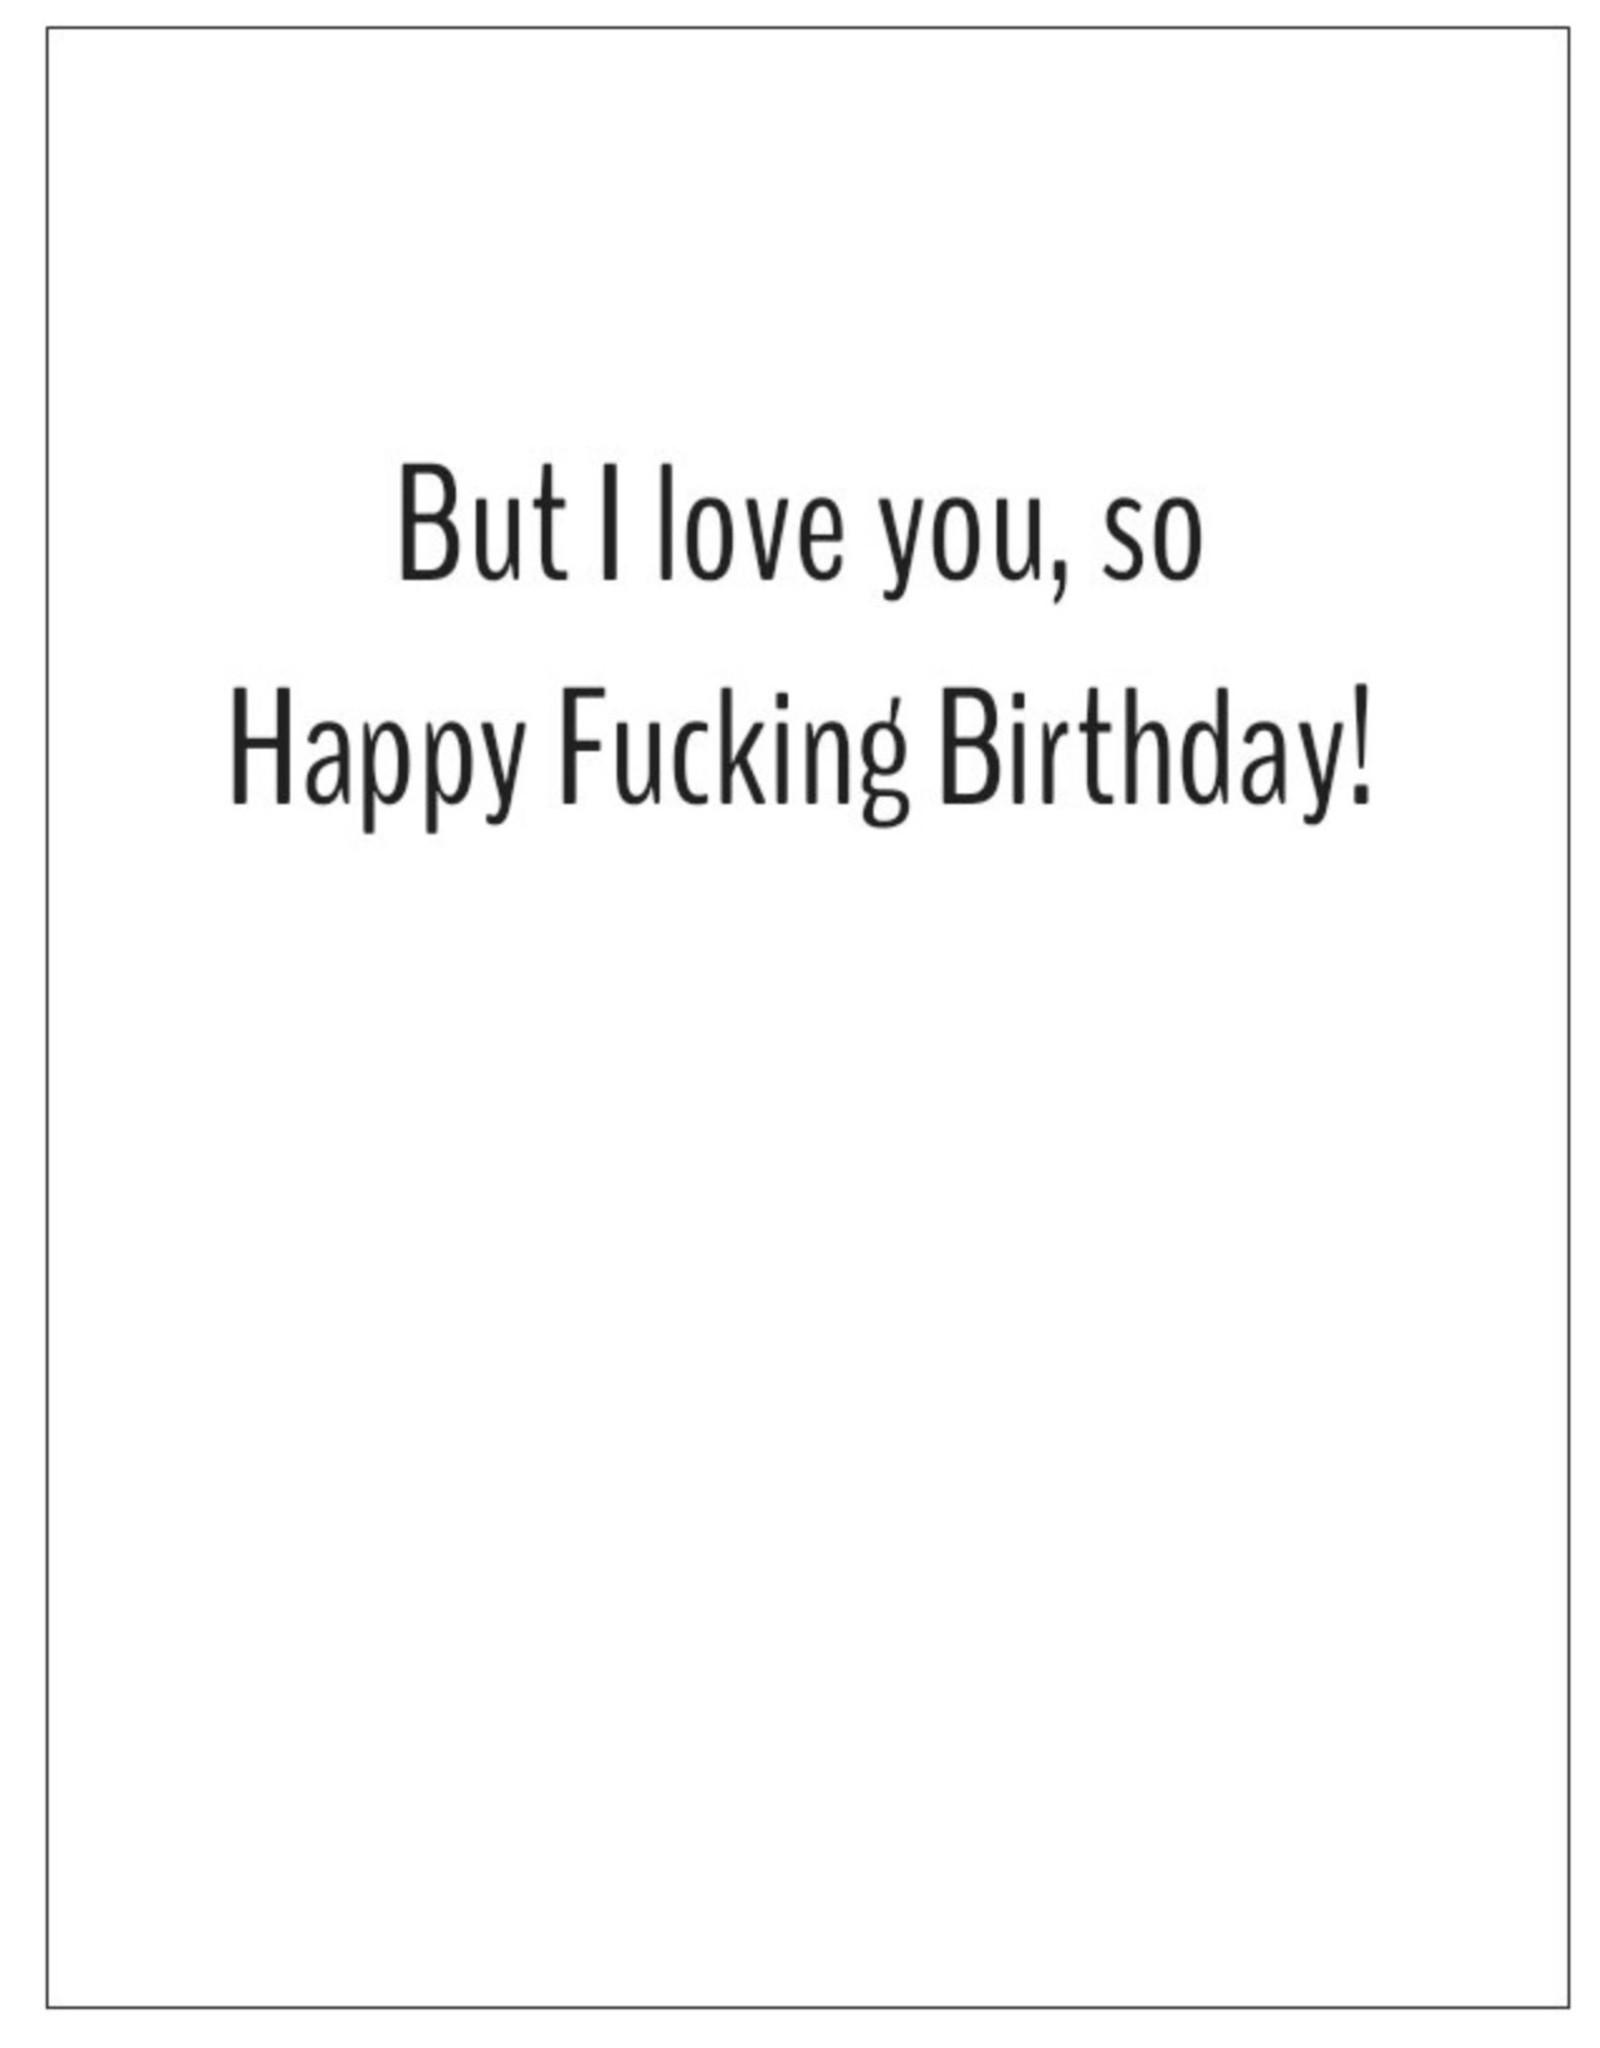 Card #206 - I Usually Have No Fucks Left To Give. Happy Birthday